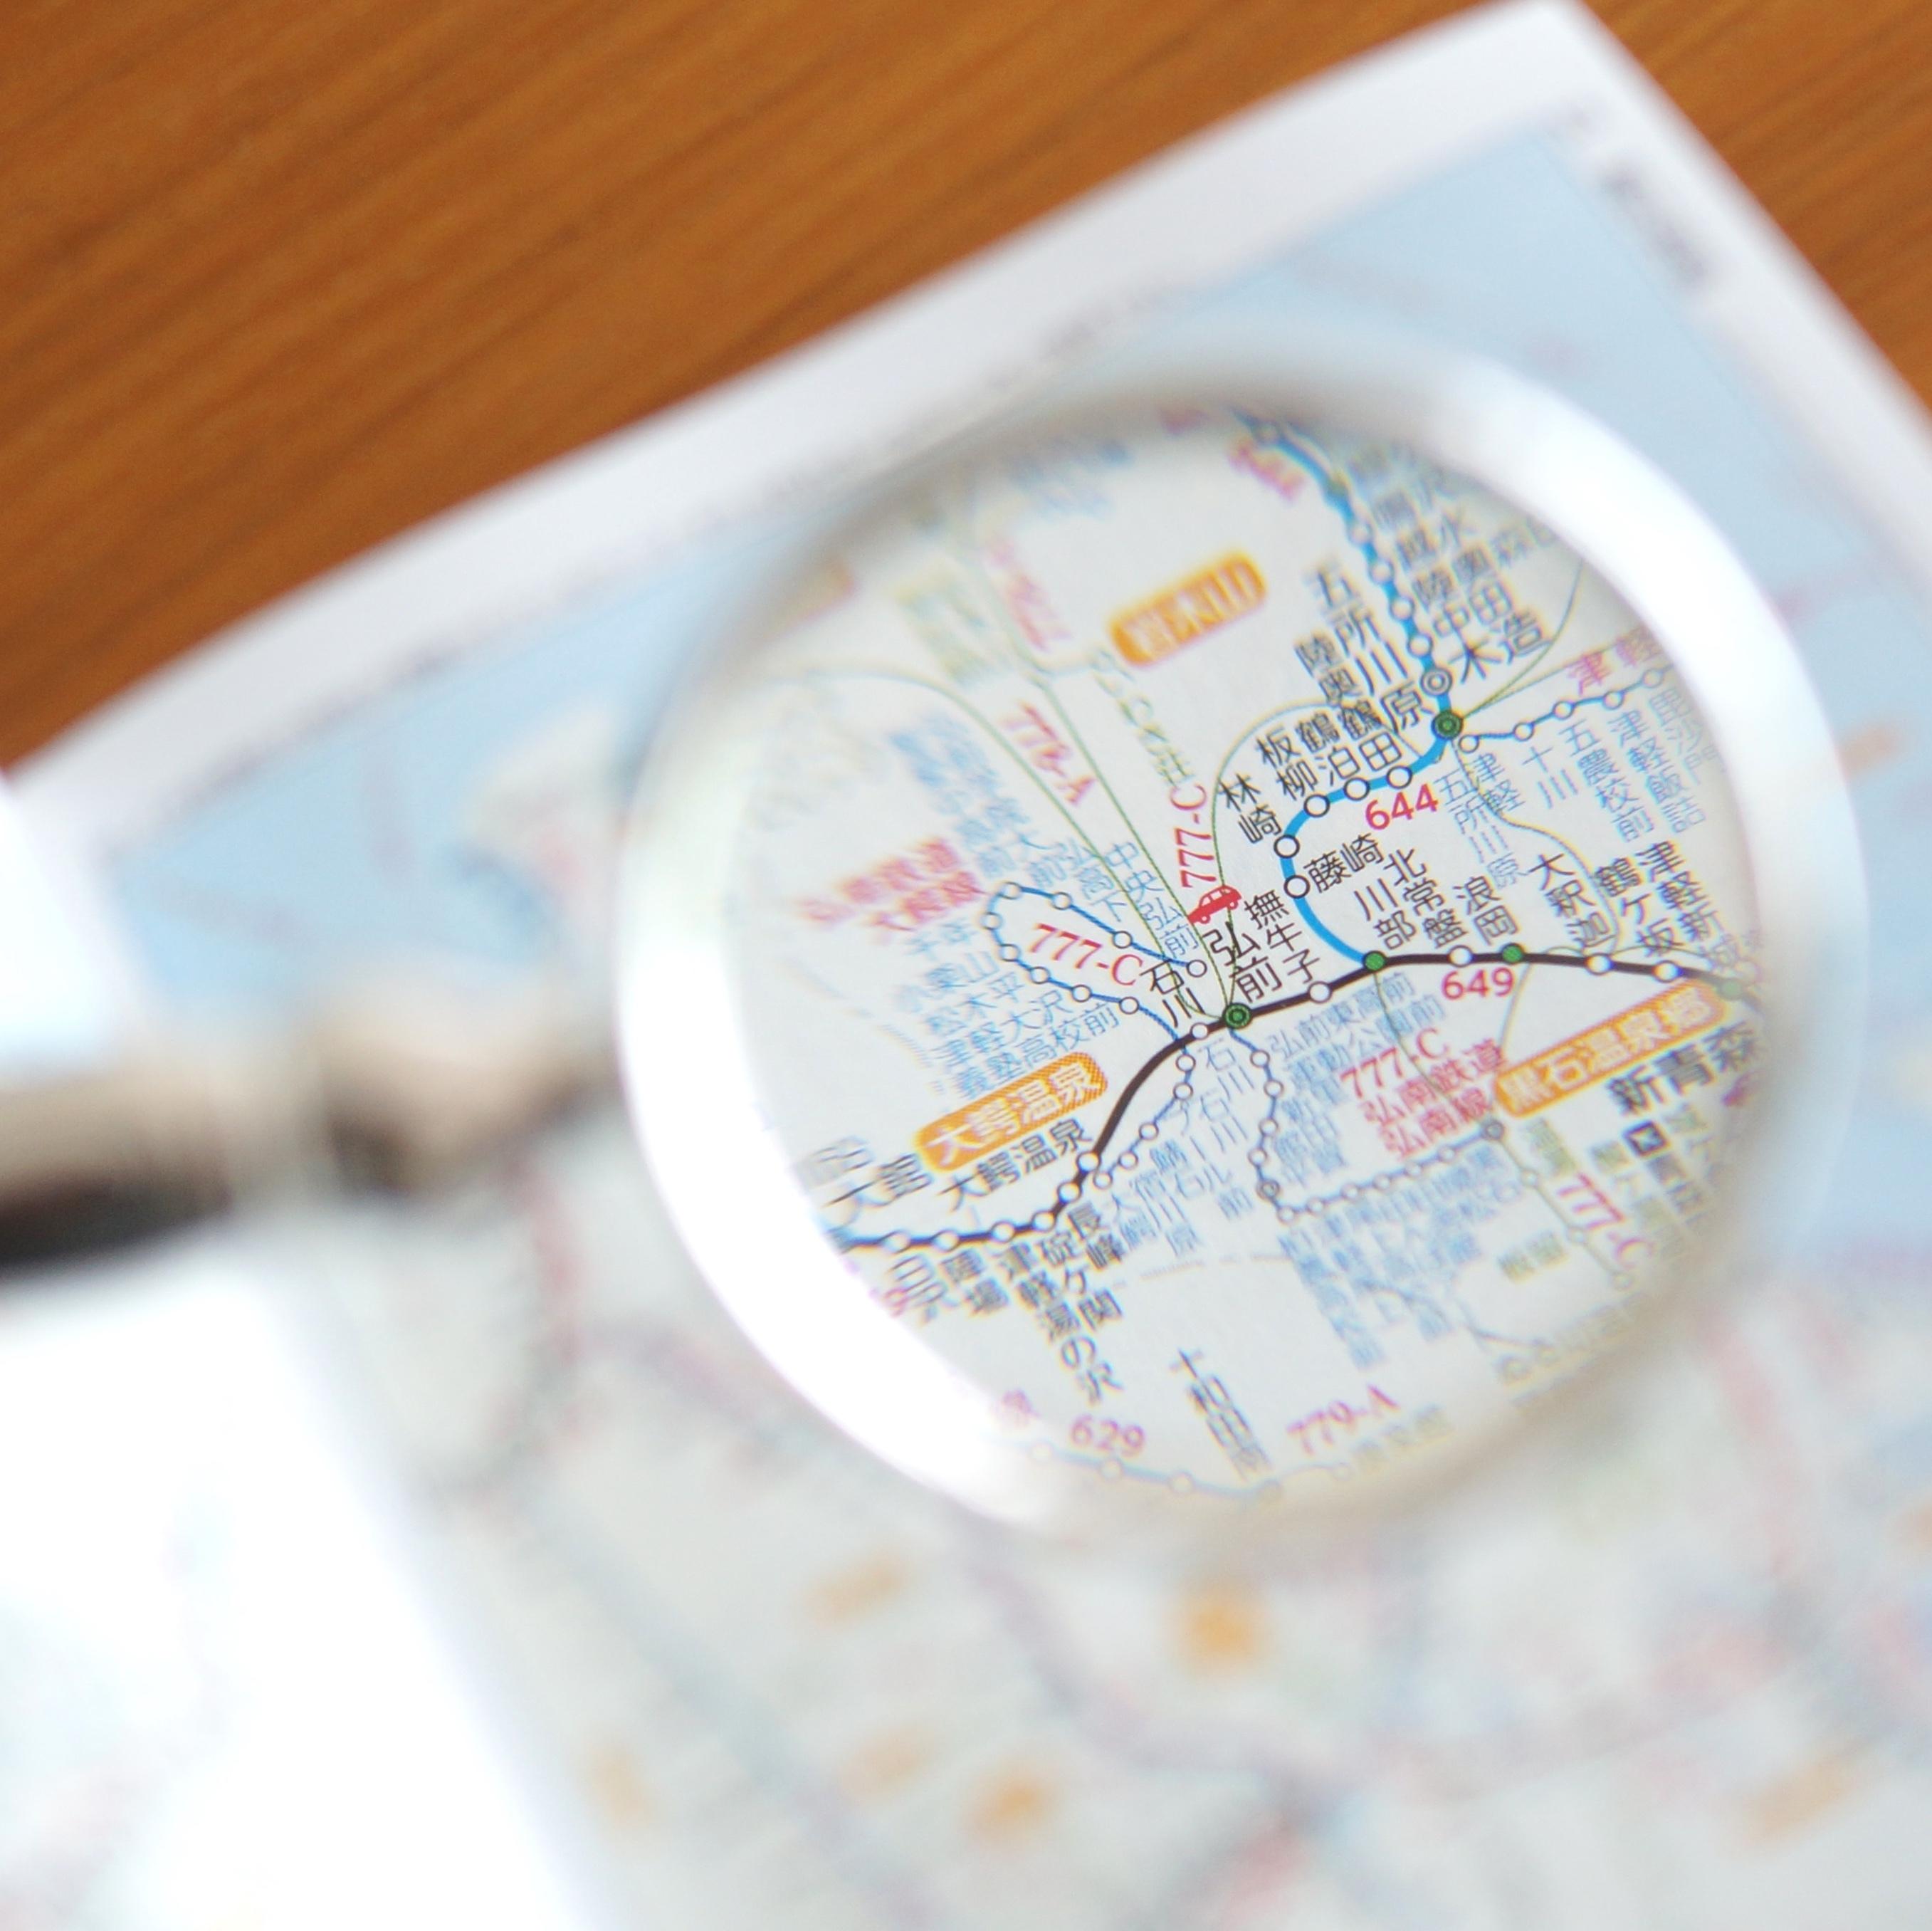 時刻表の路線図は索引地図とも